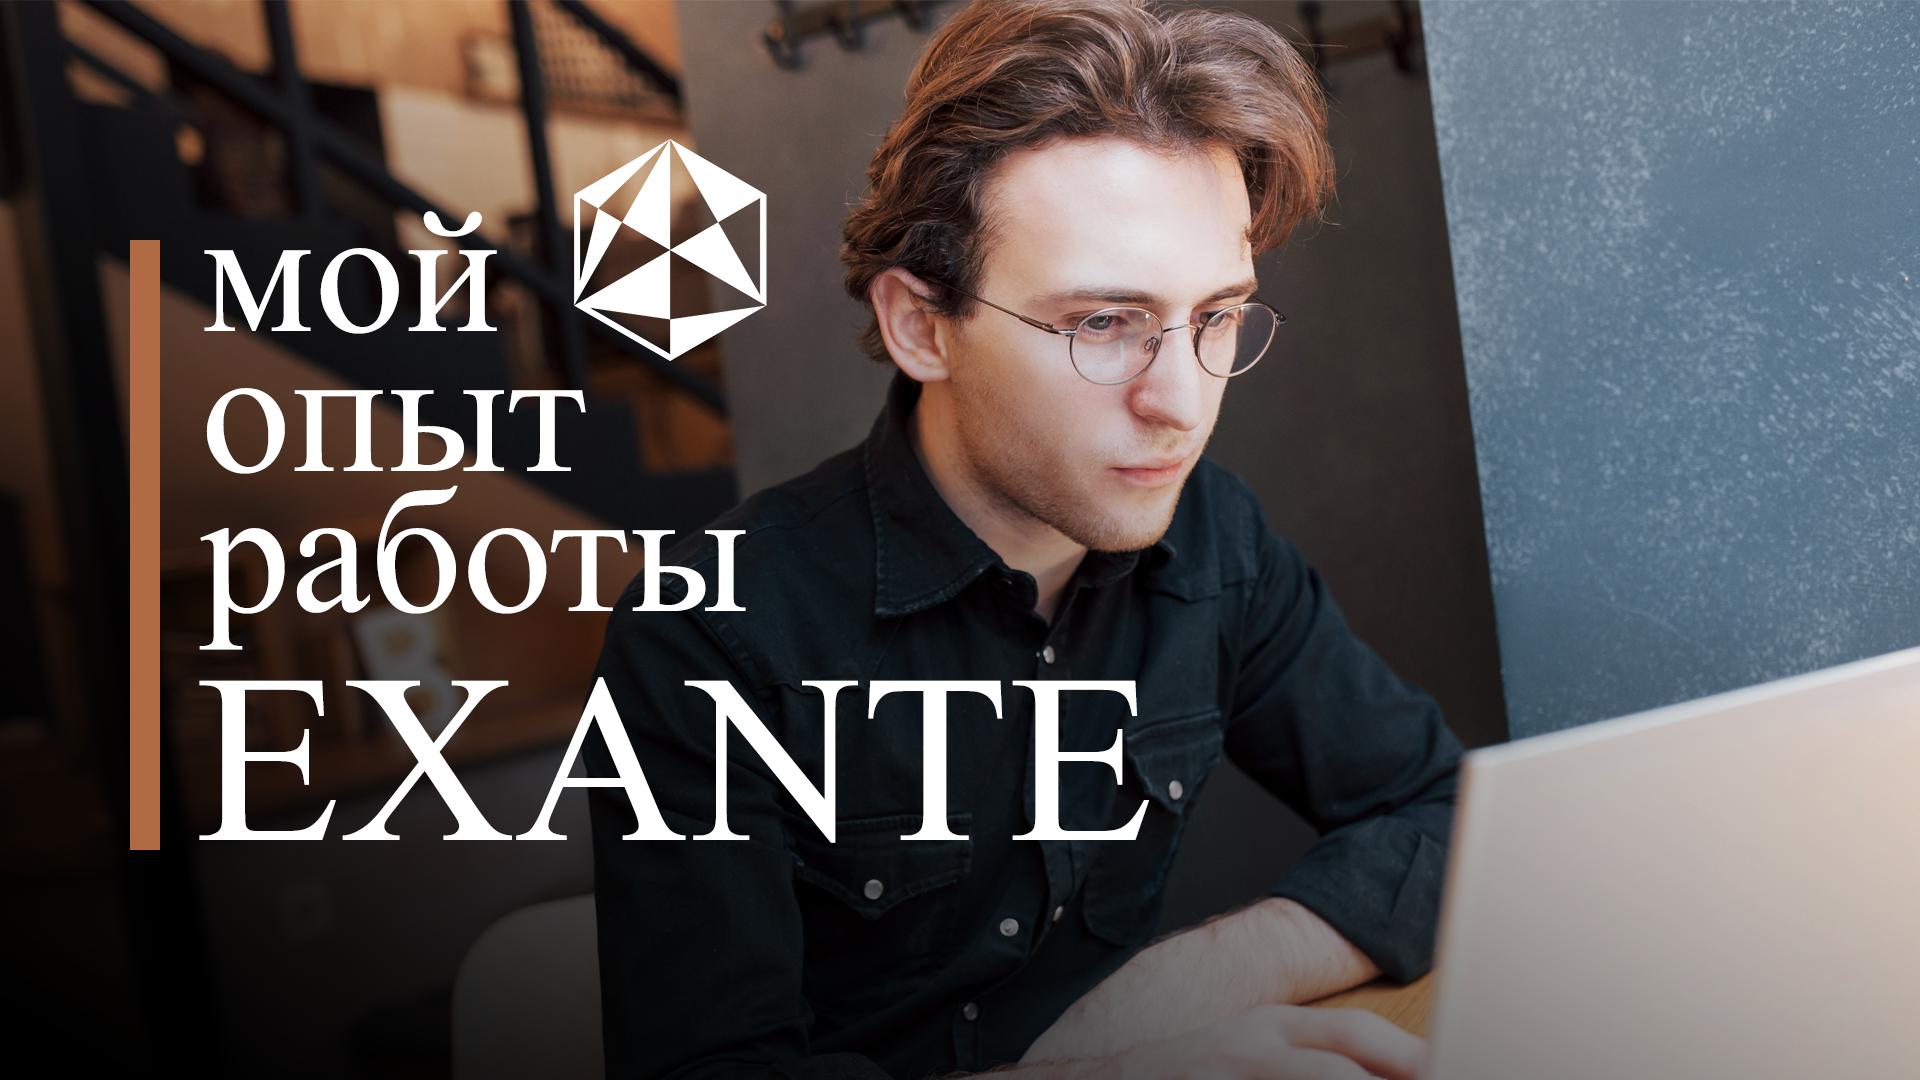 Инвест-компания Exante: деятельность брокера, отзывы клиентов и трейдеров